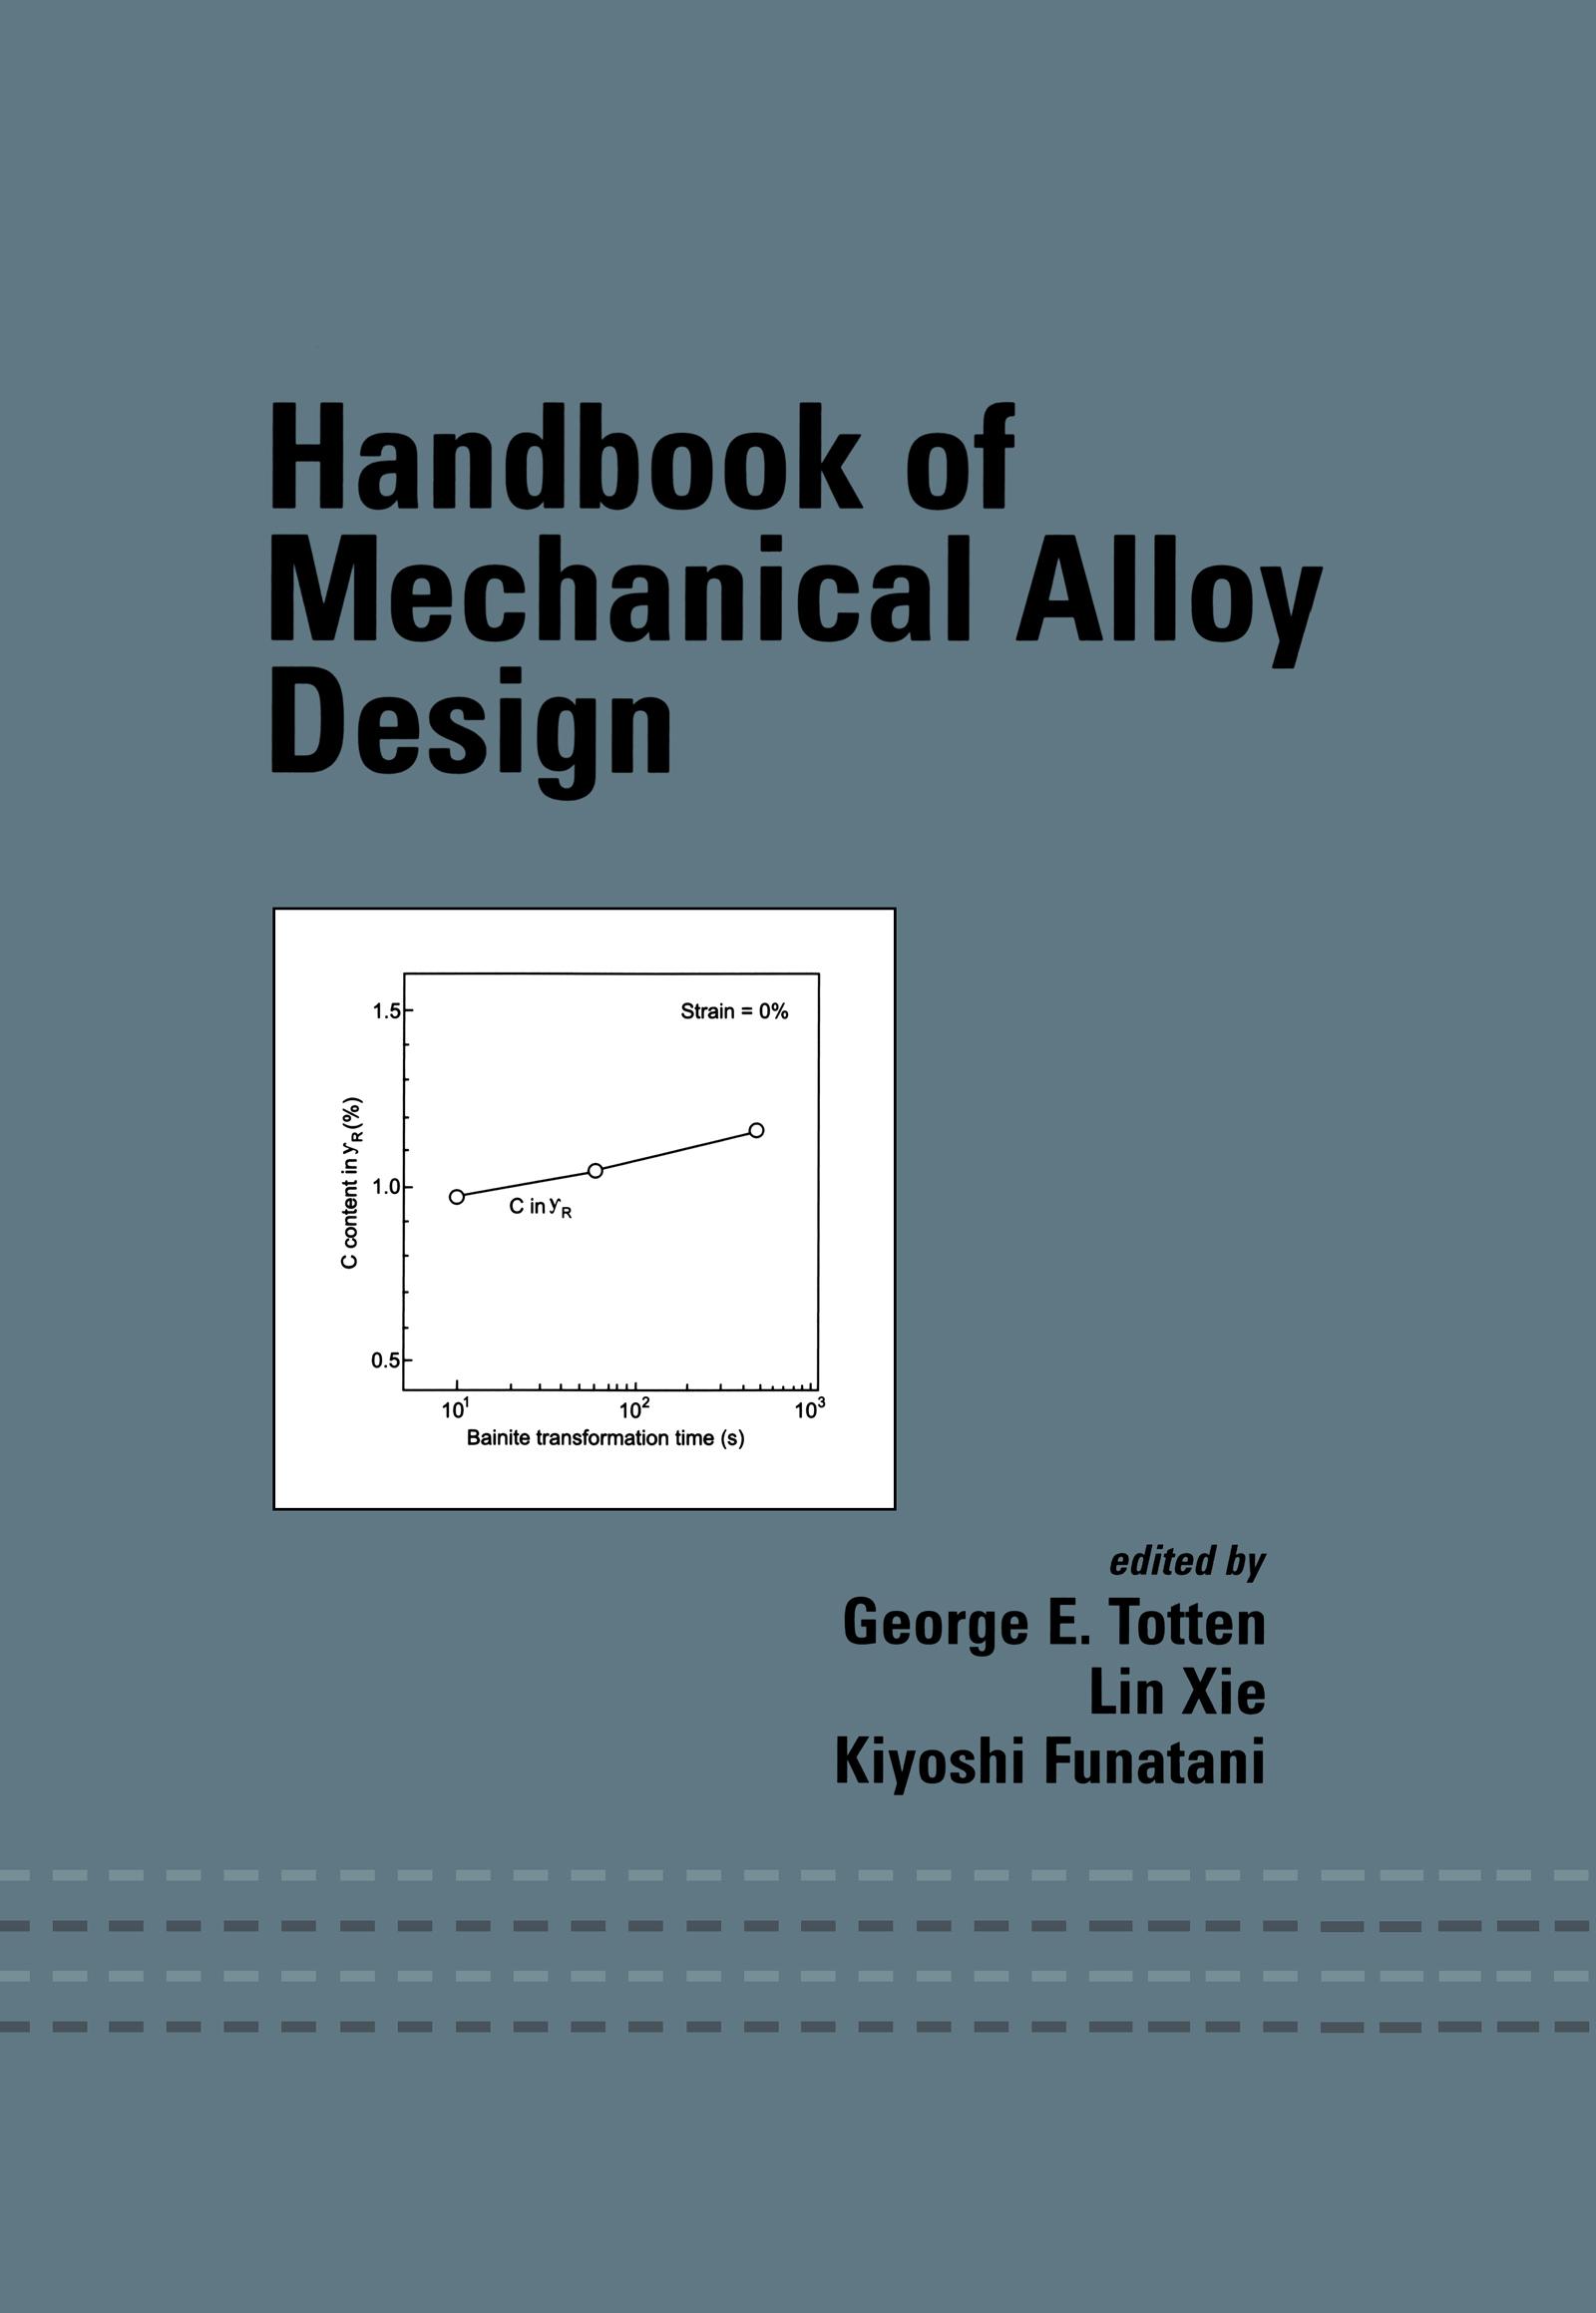 Handbook of Mechanical Alloy Design